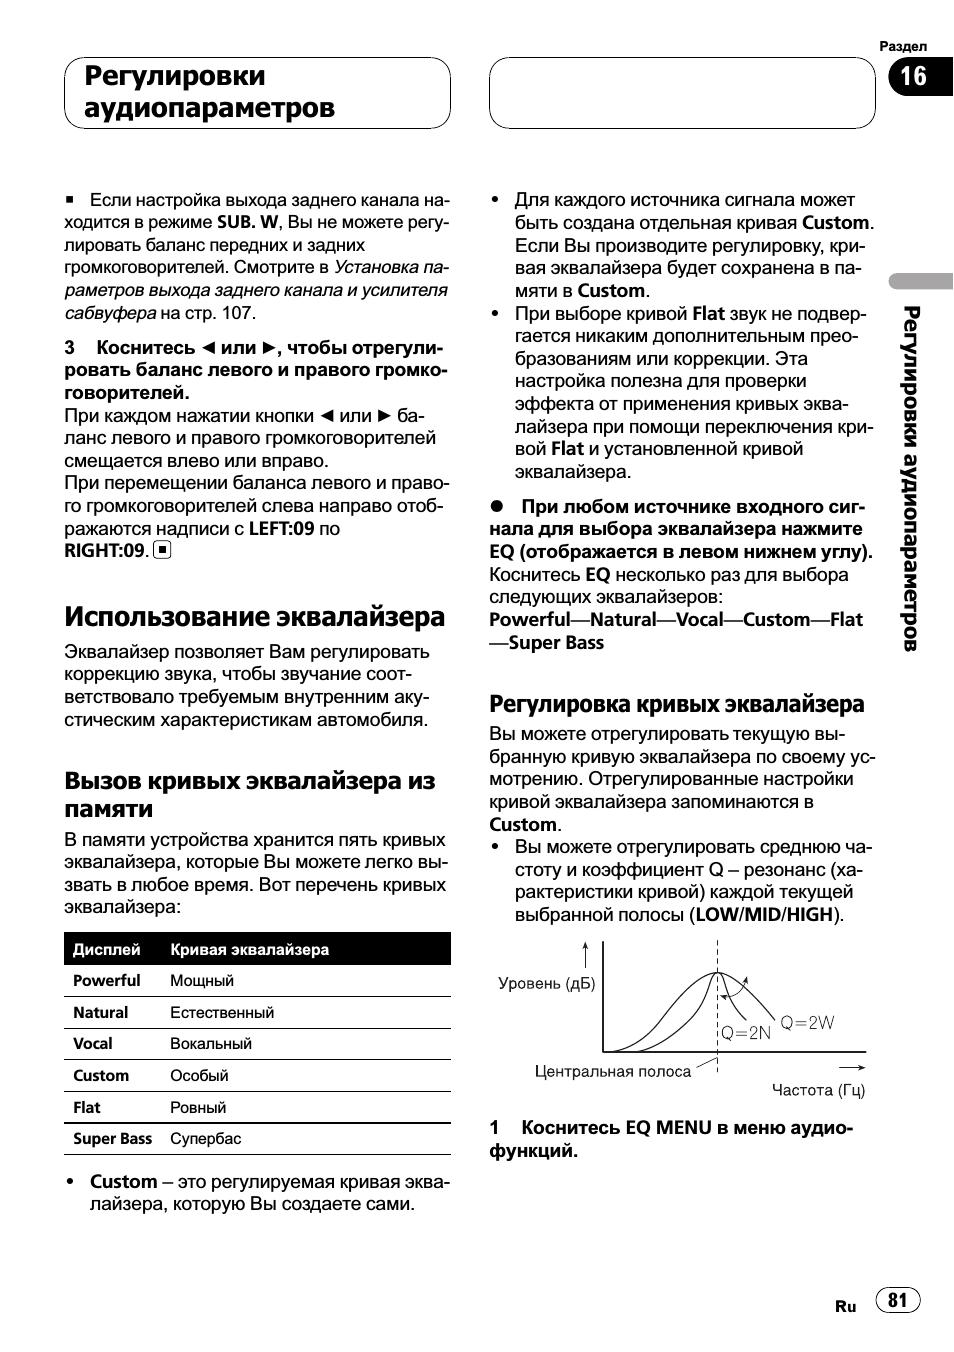 Использование эквалайзера 81, Использова, Использование эквалайзера